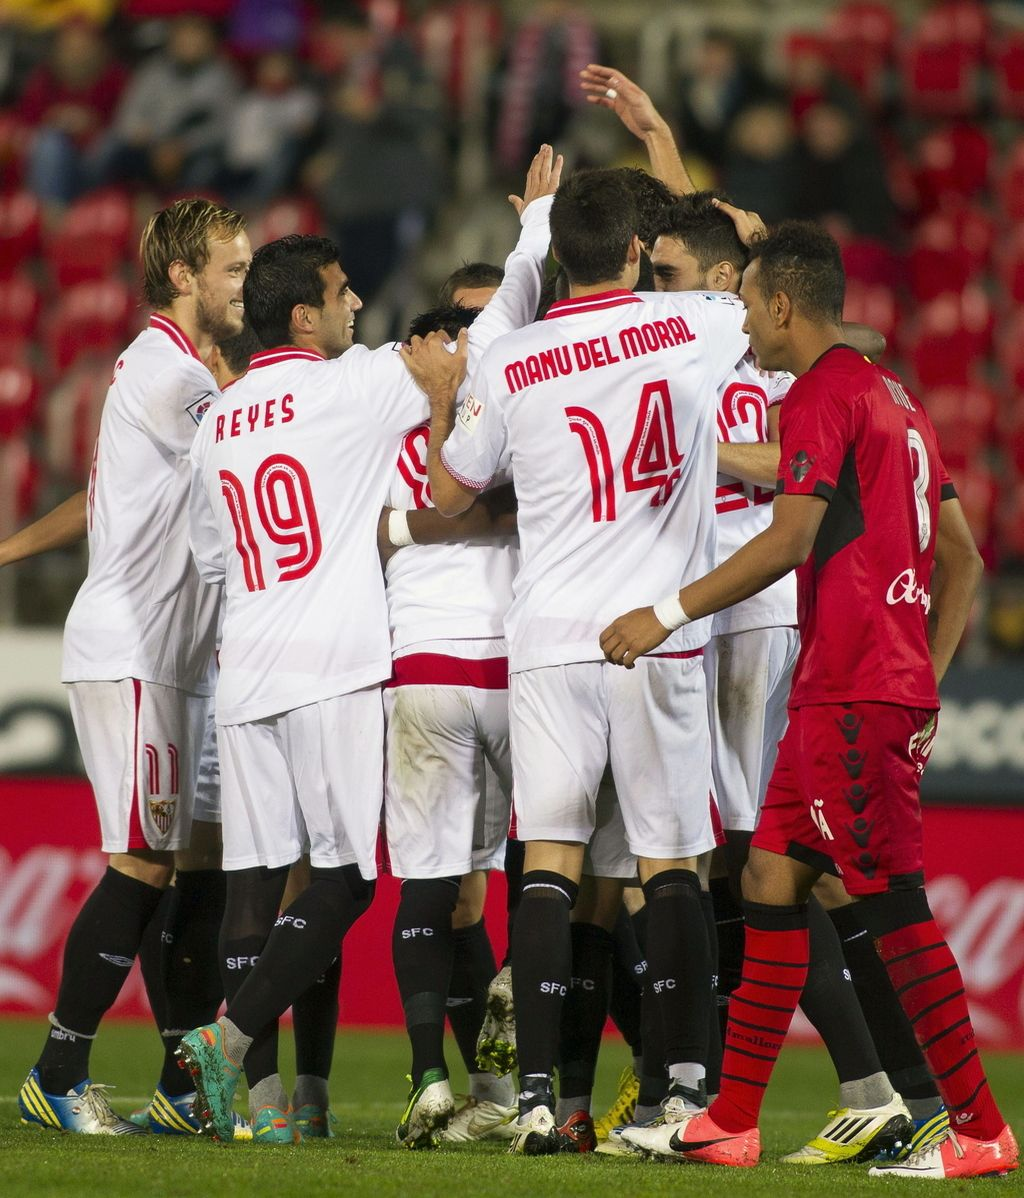 Los jugadores del Sevilla celebran el cuarto gol marcado por su compañero, el defensa Alberto Tomás Botía, ante el Mallorca